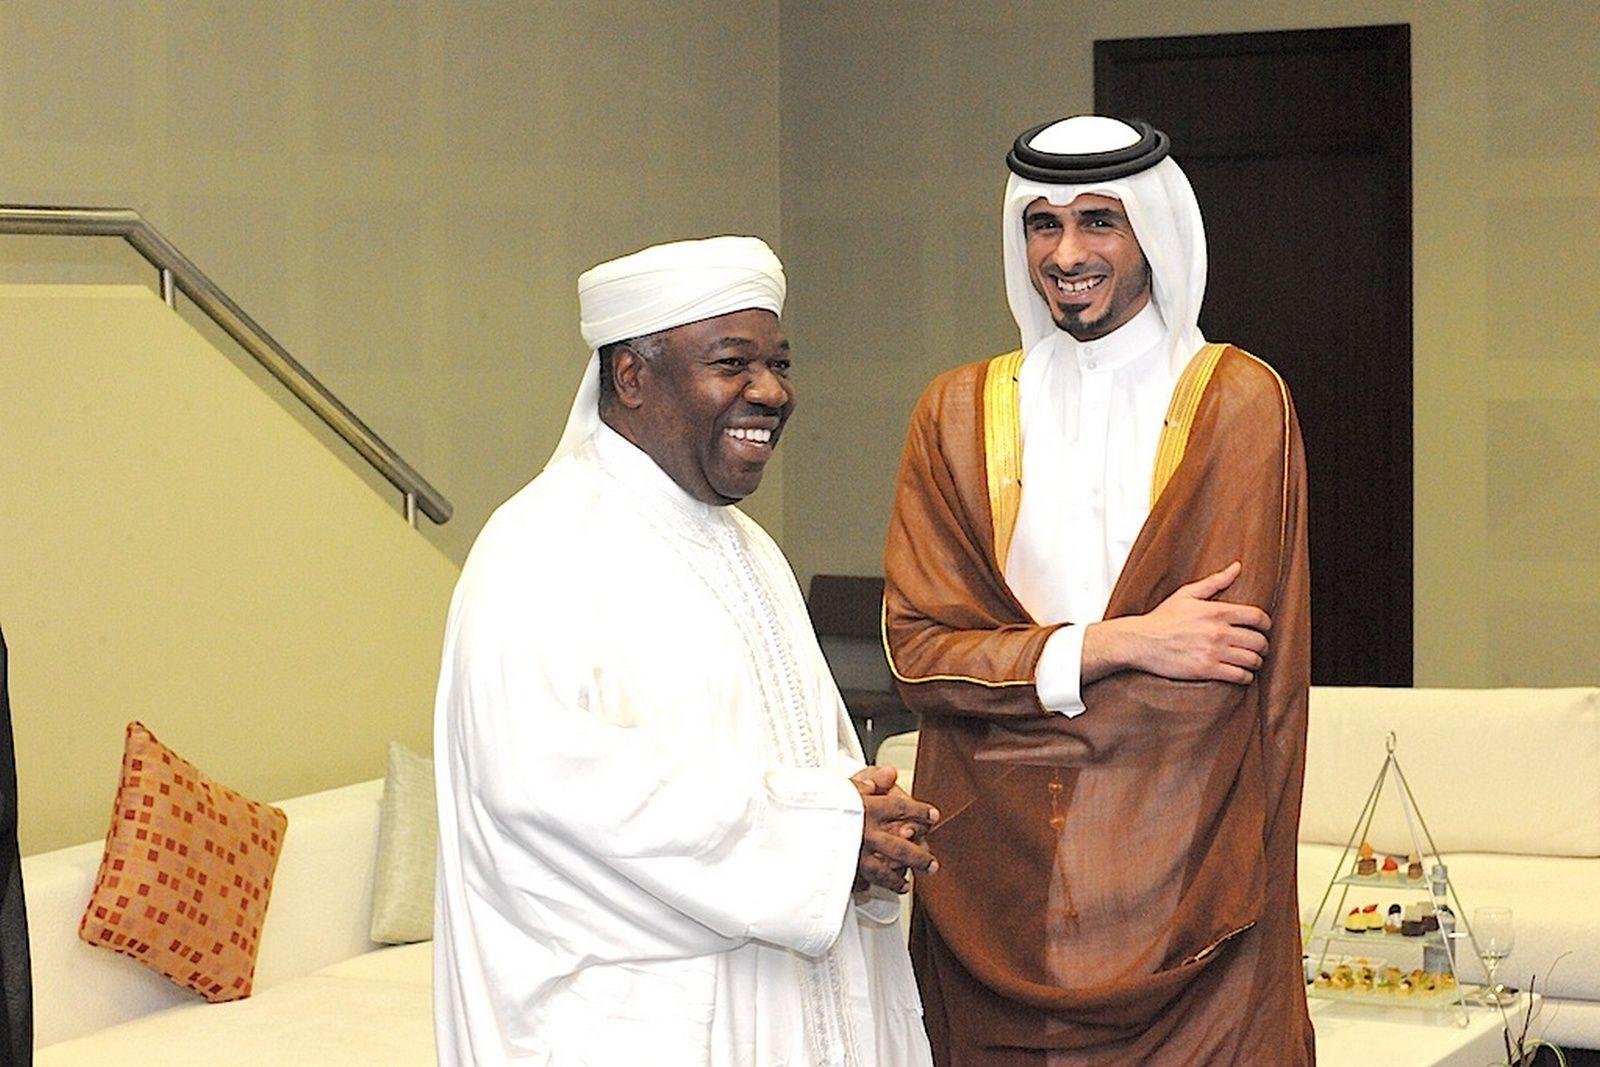 Le Président de la République en discussion avec le premier ministre qatari Abdallah ben Nasser ben Khalifa Al Thani